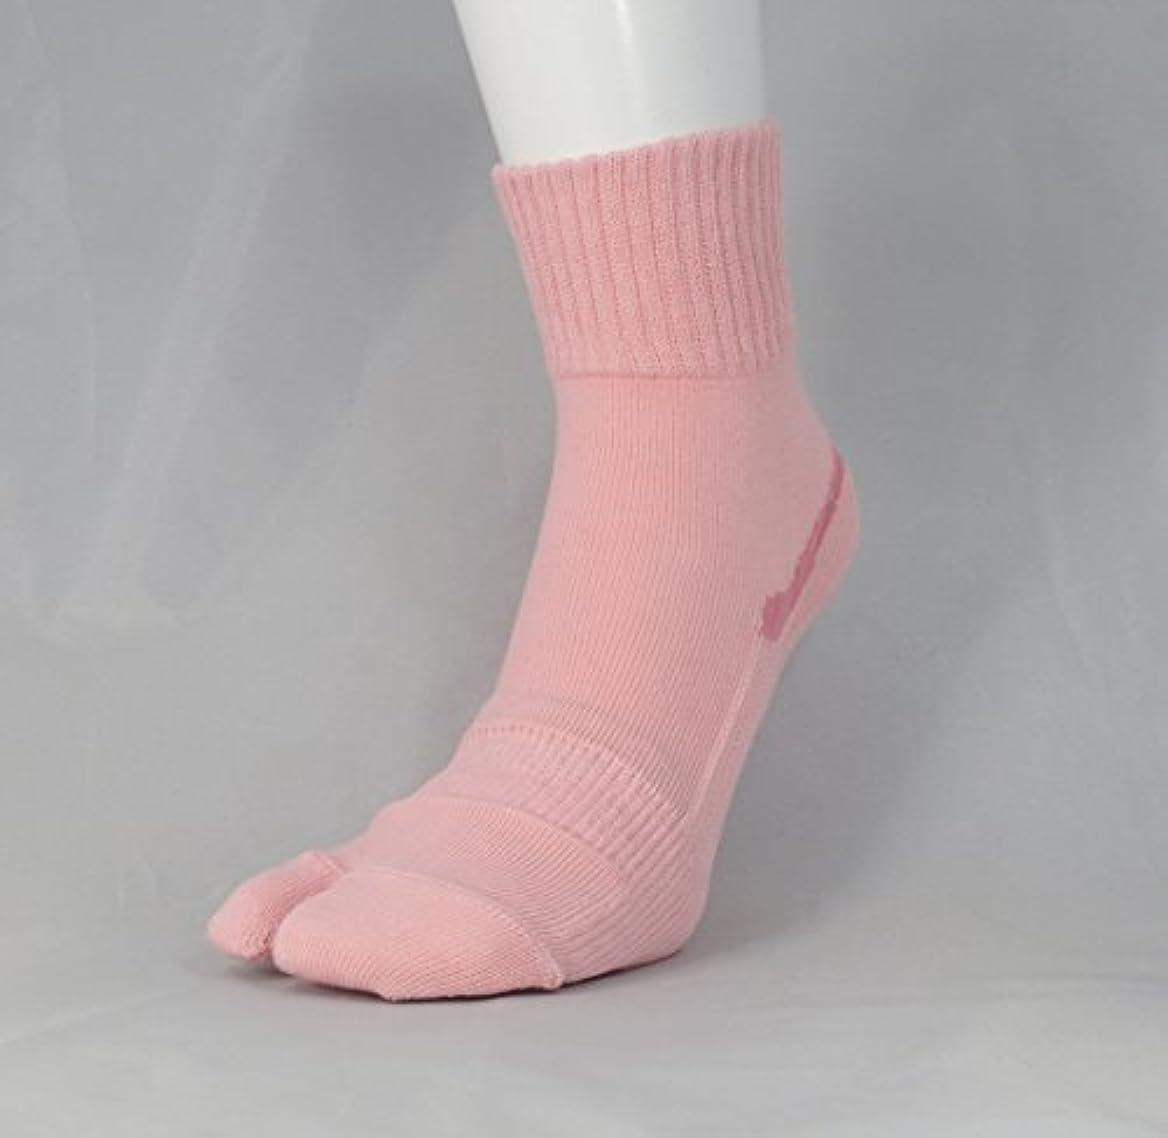 先人差し指トイレ【あしサポ】履くだけで足がラクにひらく靴下 外反母趾に (Mサイズ(23-24センチ), ピンク)